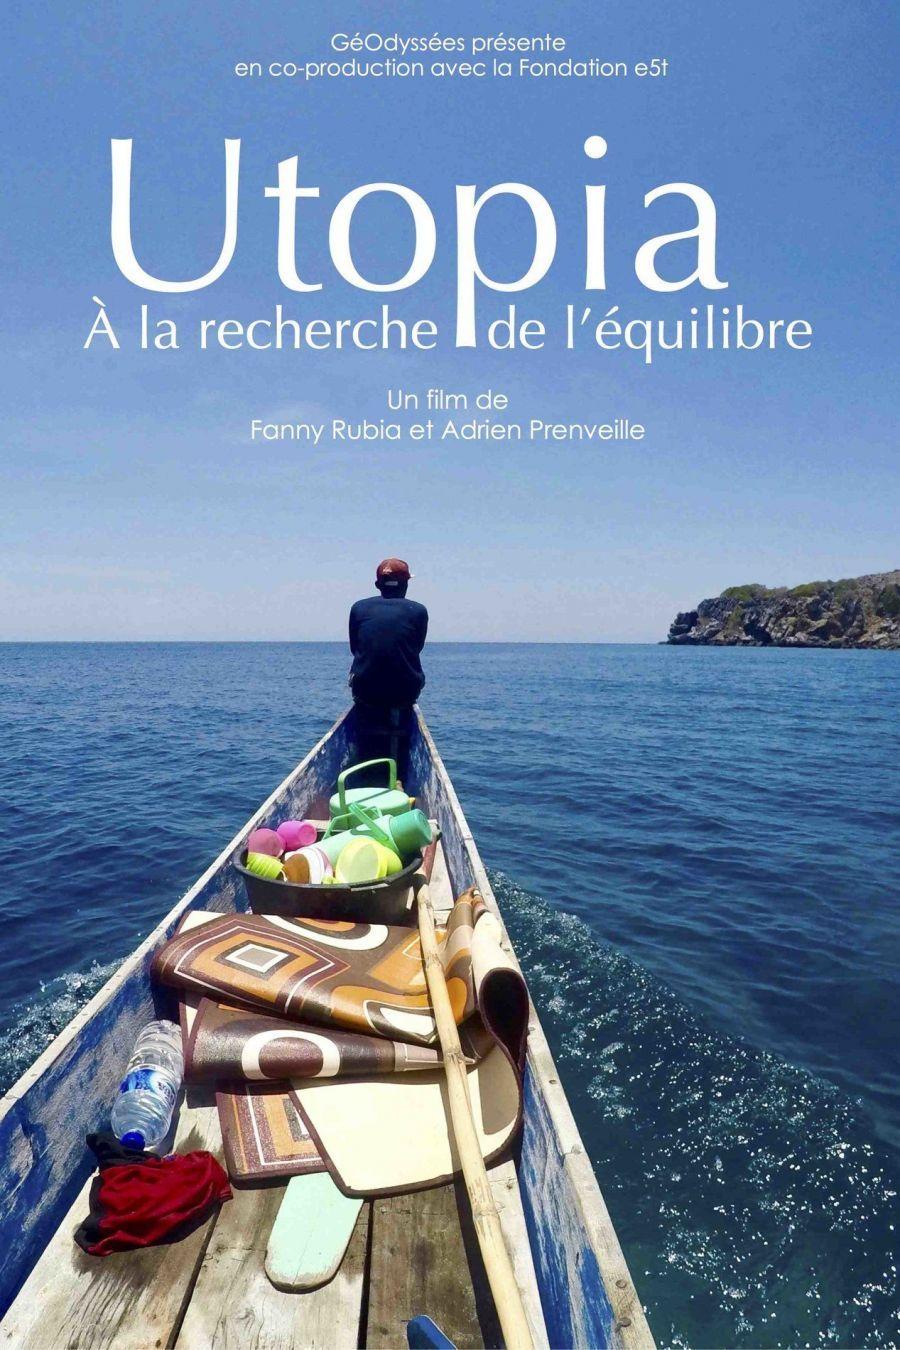 Projection du Grand Bivouac : Utopia, à la recherche de l'équilibre